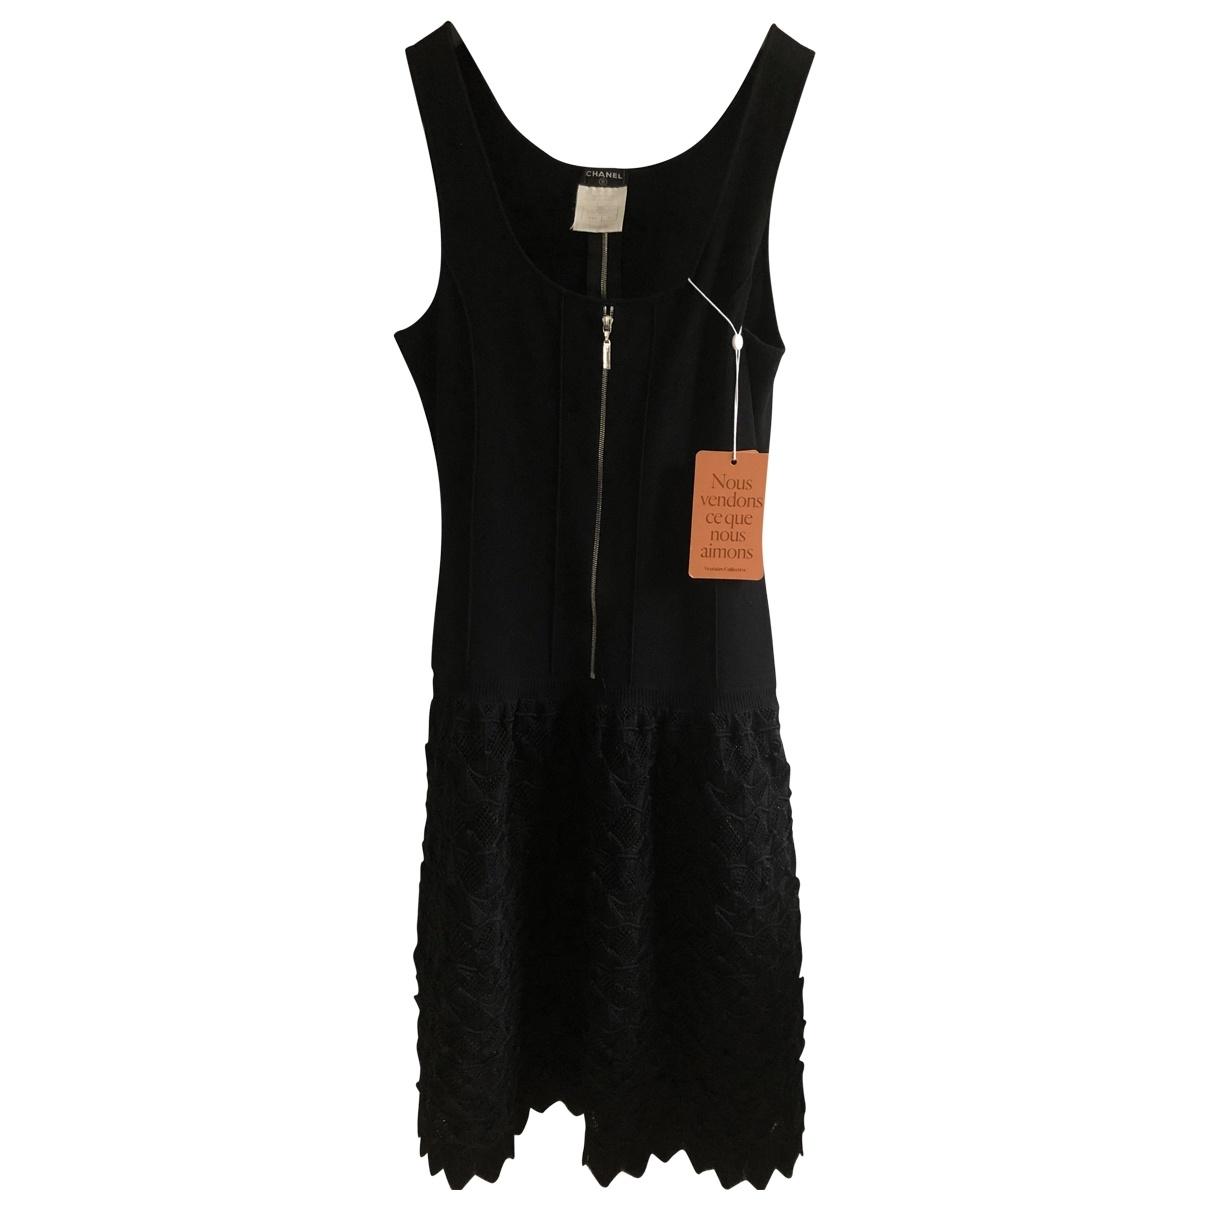 Chanel \N Black dress for Women 38 FR